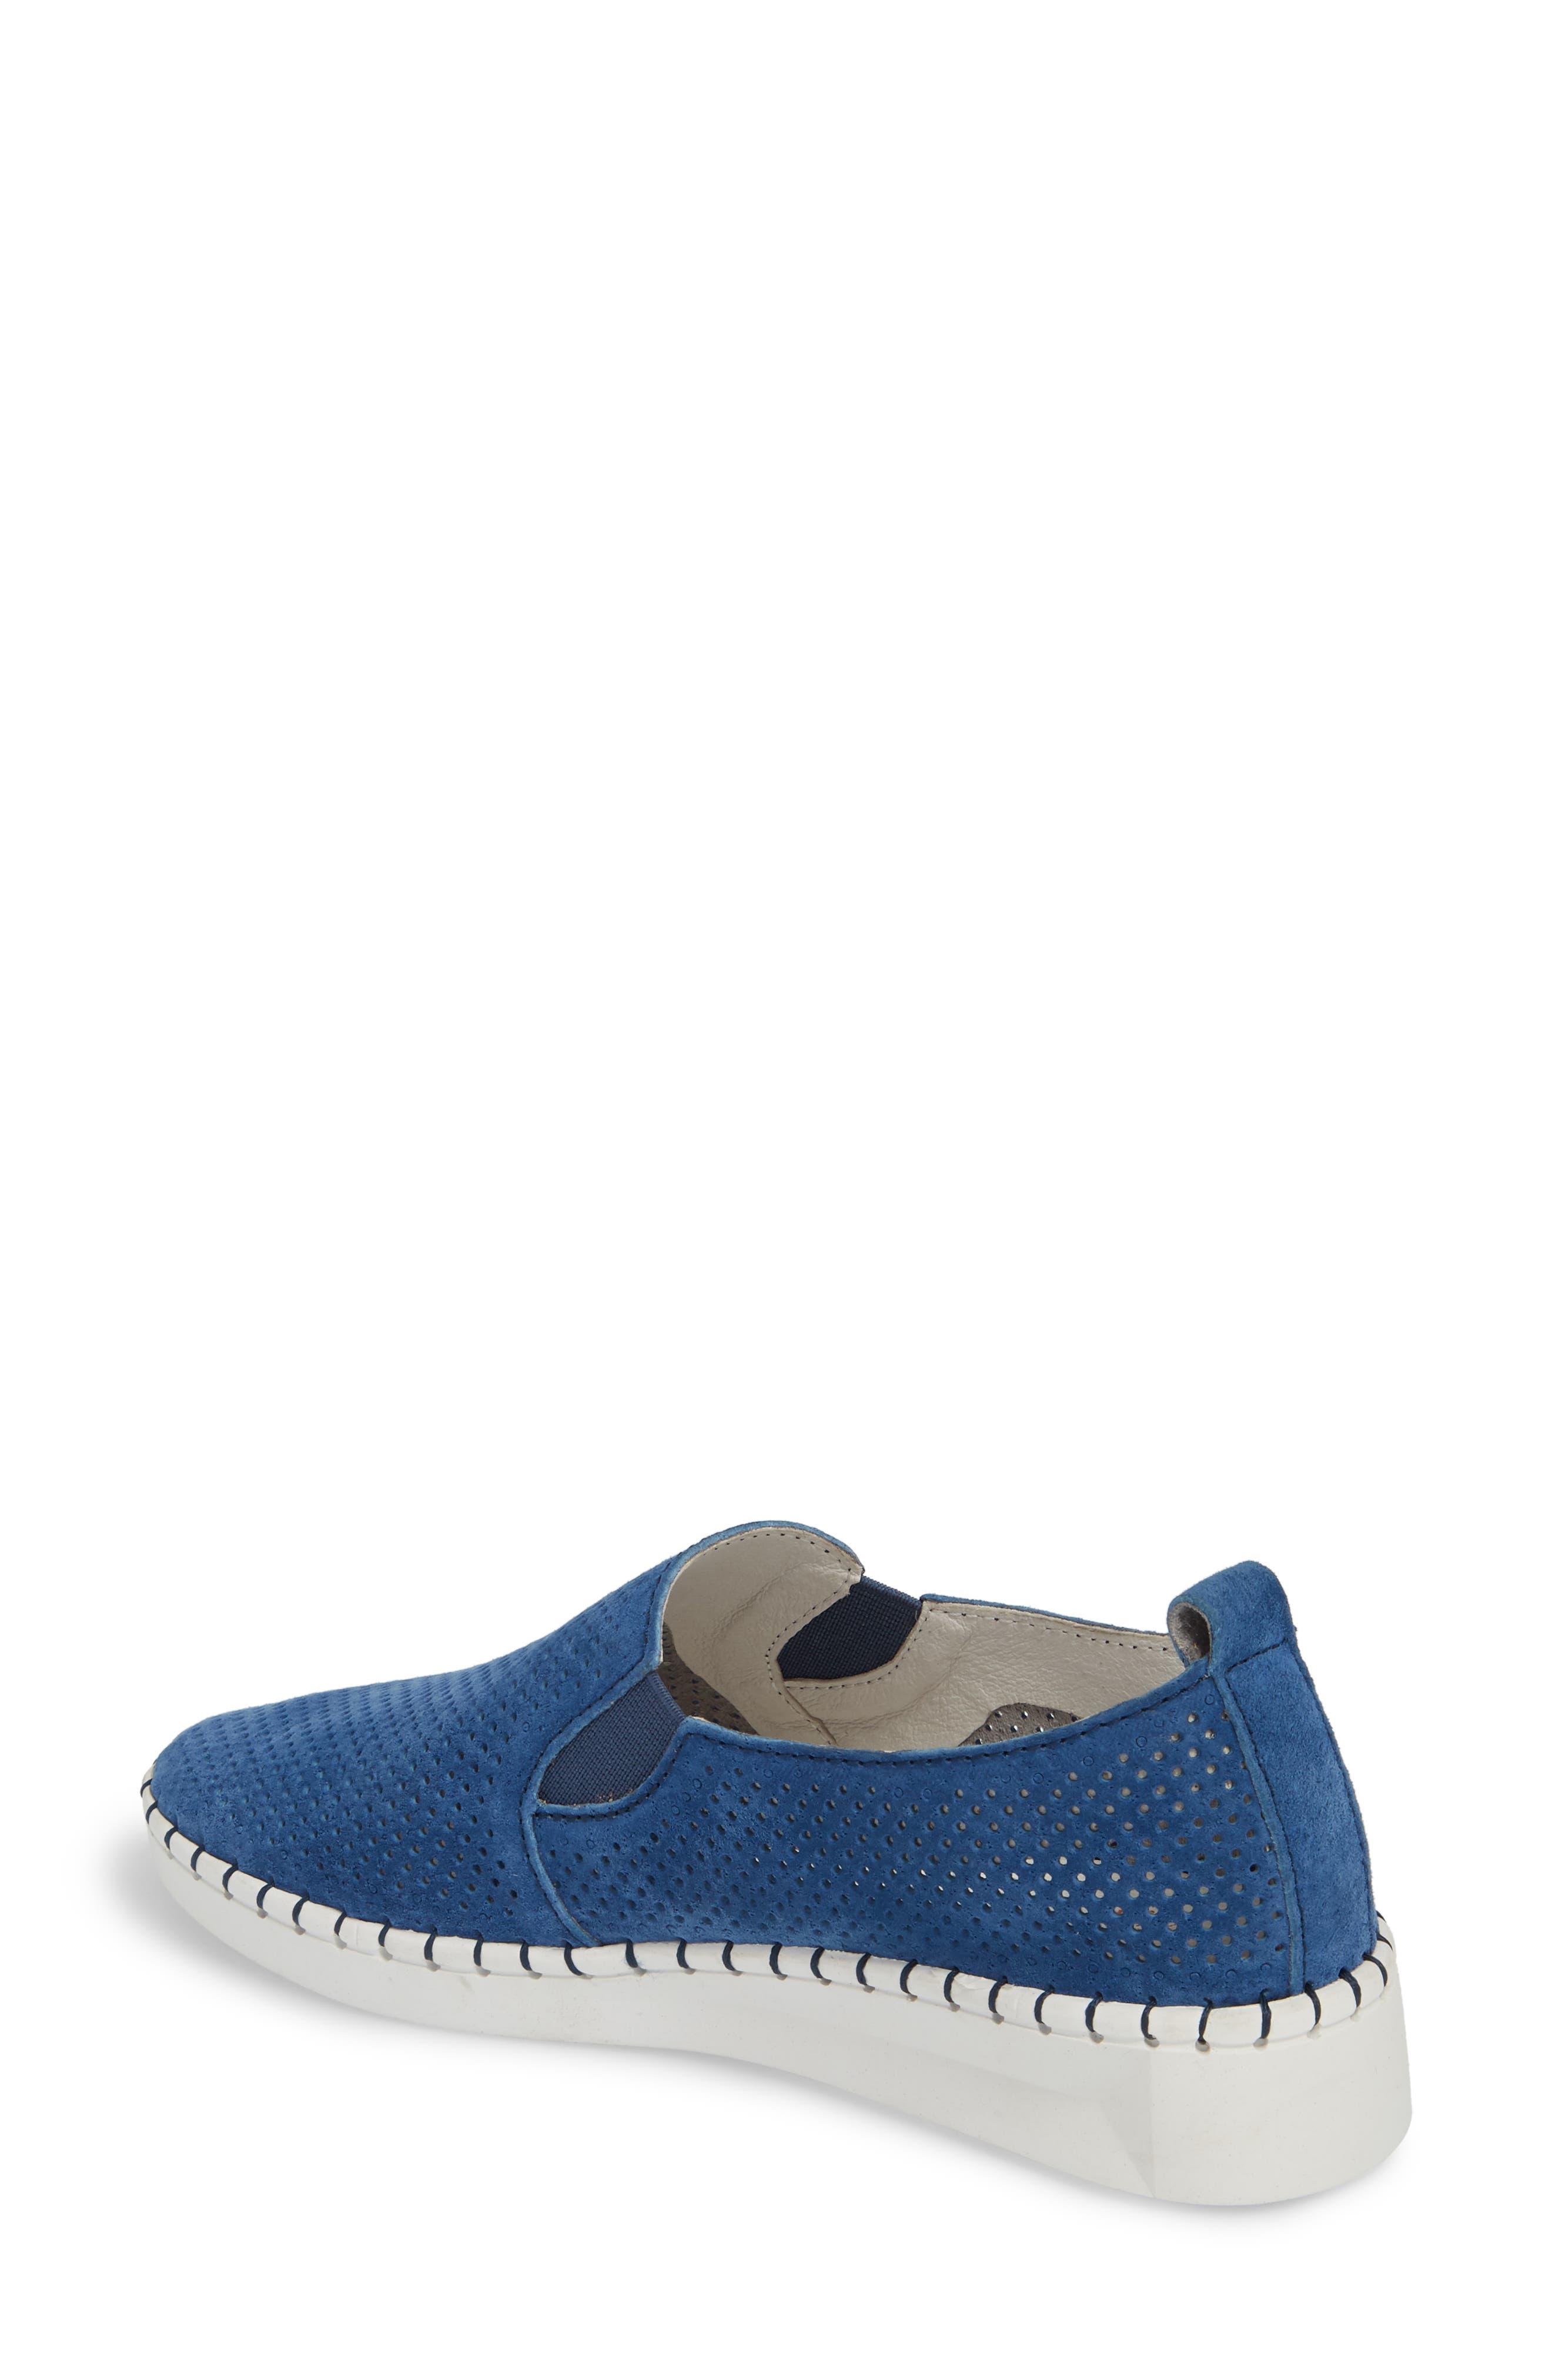 Slip-On Sneaker,                             Alternate thumbnail 2, color,                             BLUE LEATHER